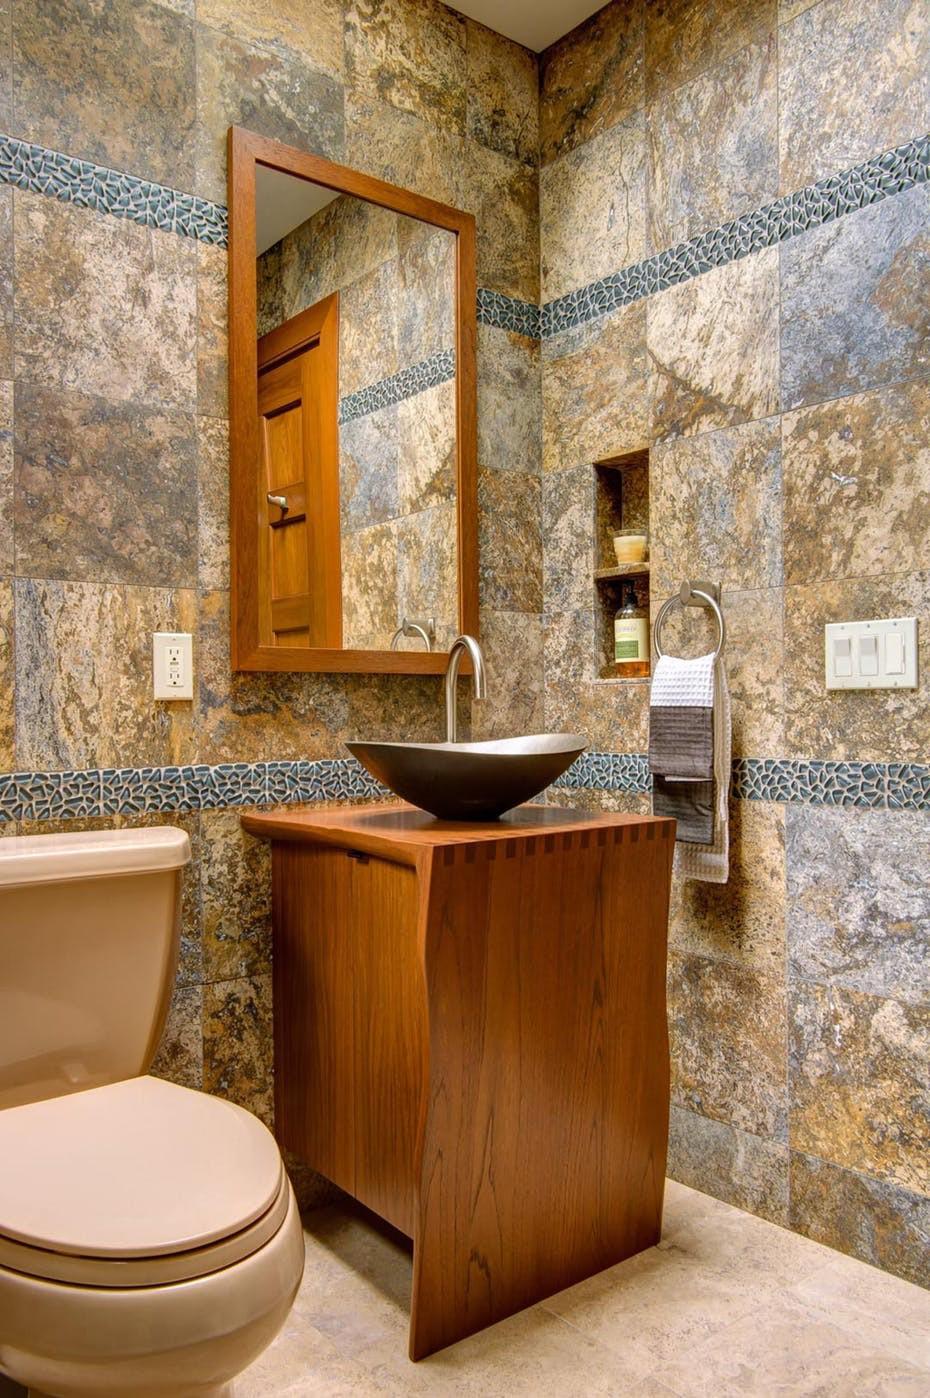 Phòng tắm ốp đá tự nhiên, bồn rửa kim loại đặt trên bệ gỗ